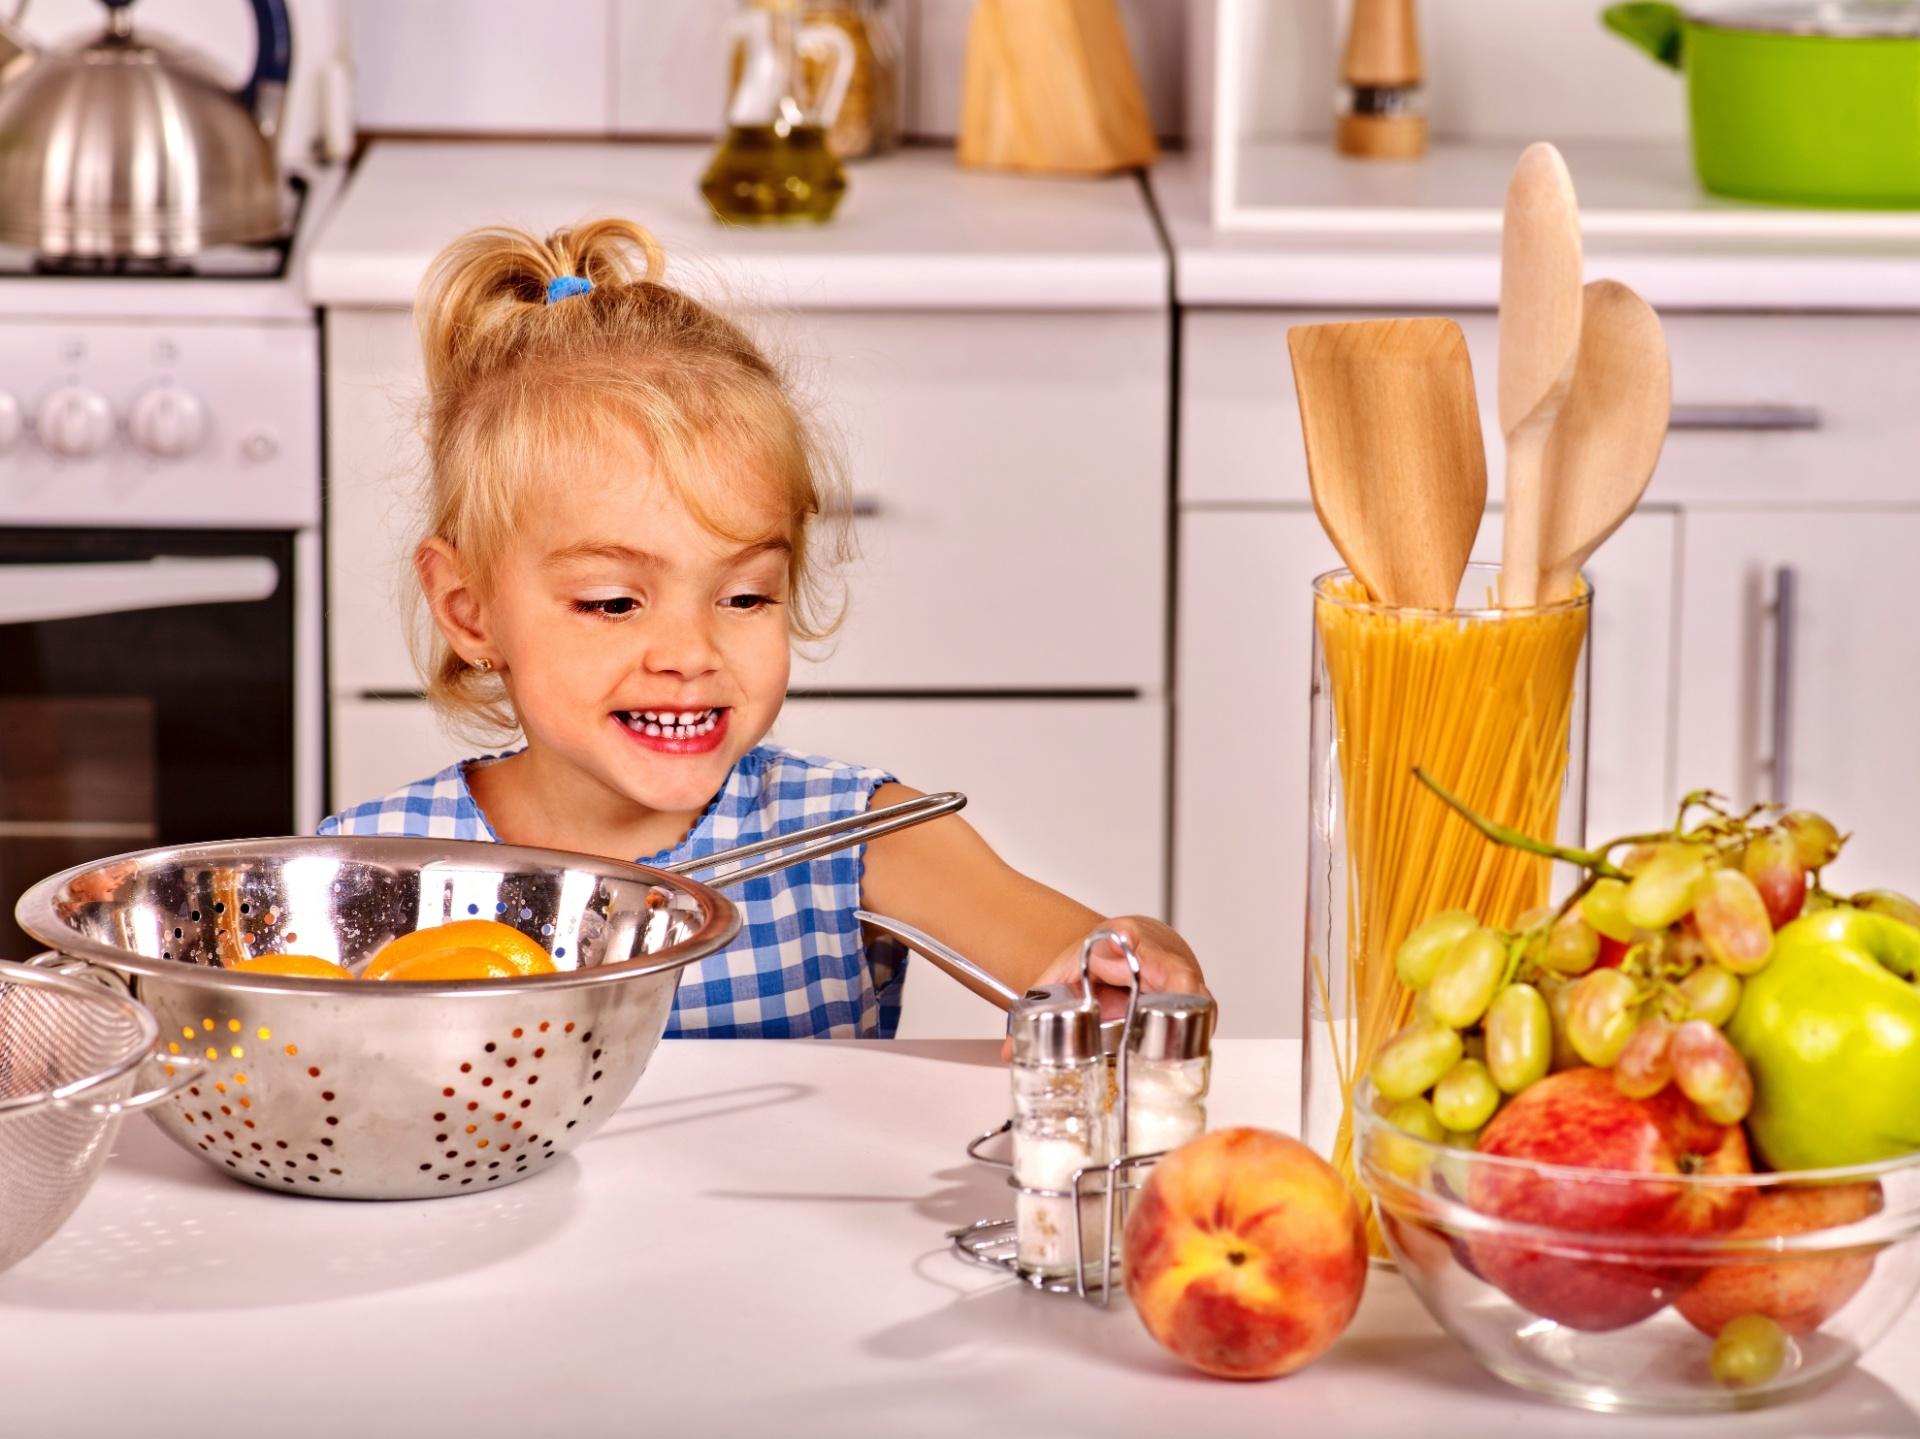 Criança, cozinha, gastronomia, independência